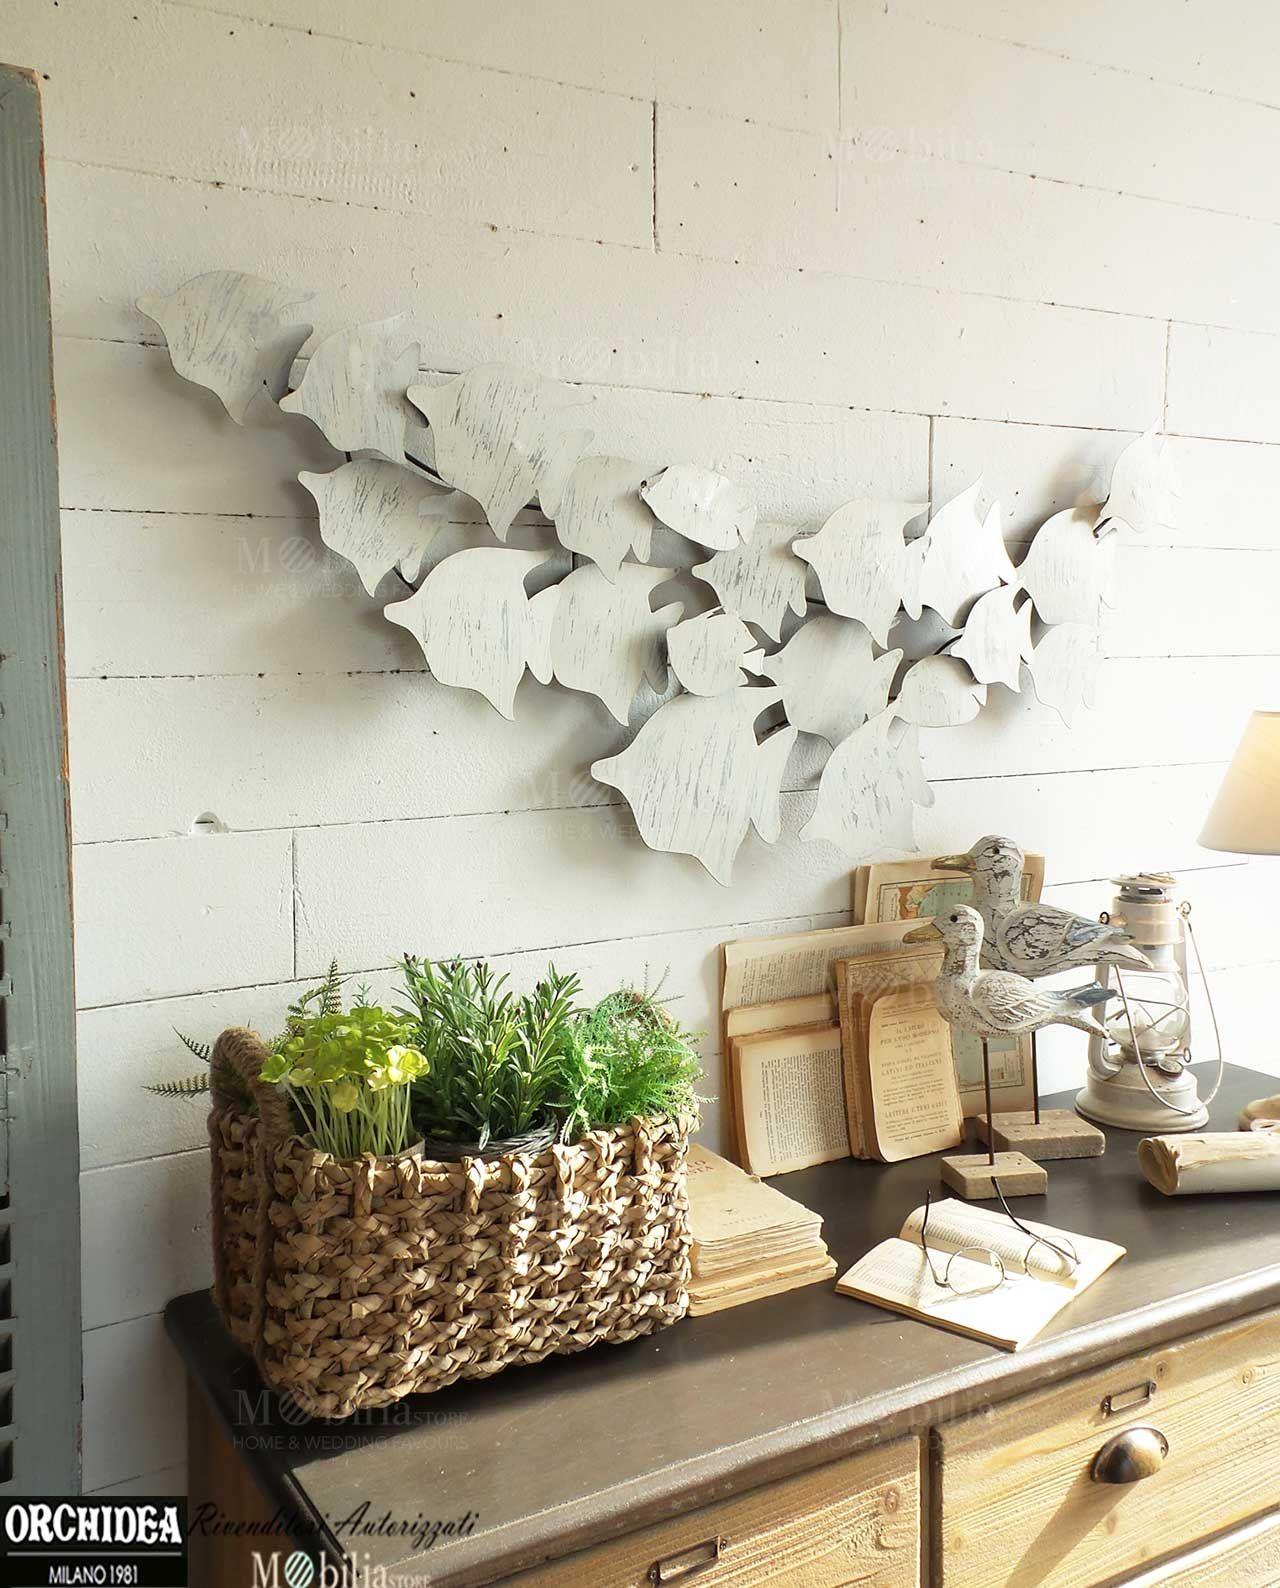 Pannelli per pareti con pesci realizzata in metallo for Lettere in metallo per arredare